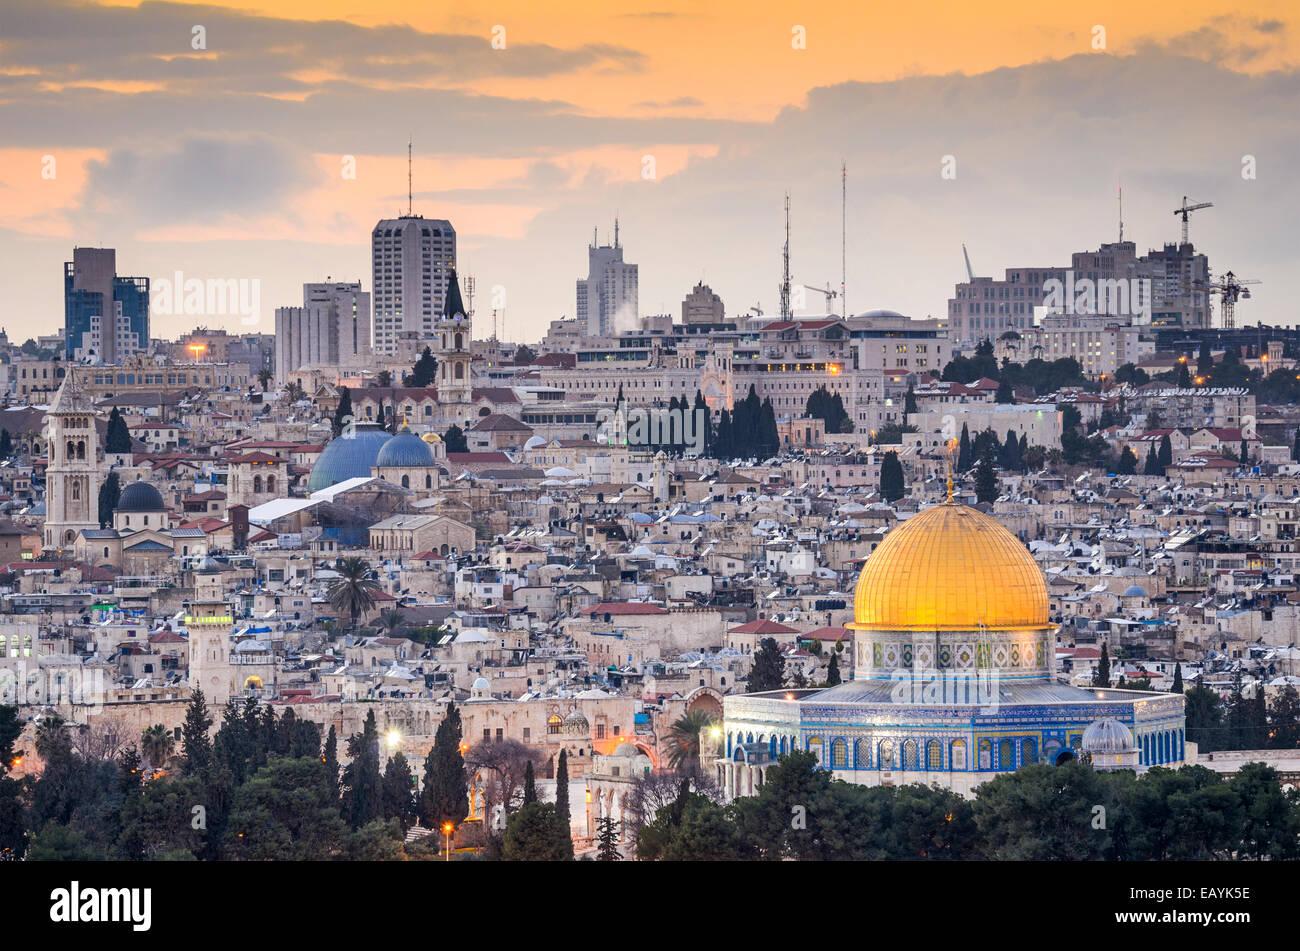 Jerusalem, Israel old city skyline. - Stock Image